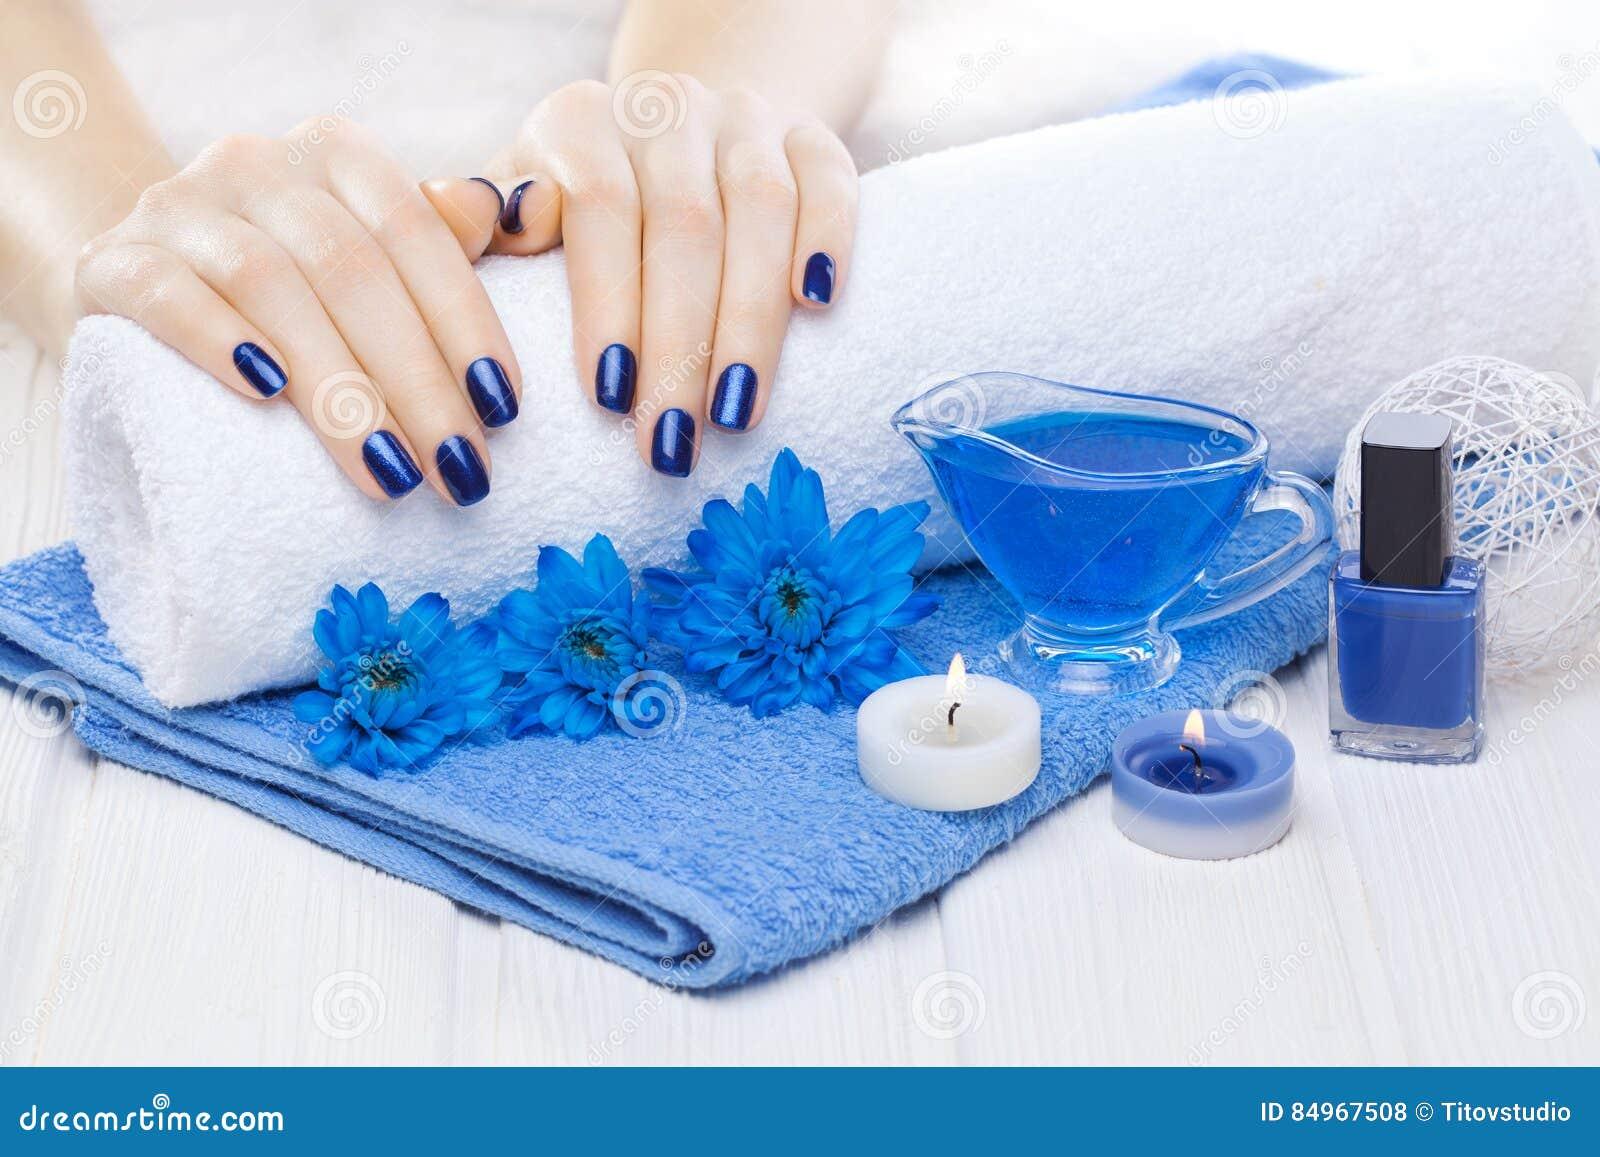 Belle manucure bleue avec le chrysanthème et serviette sur la table en bois blanche Station thermale